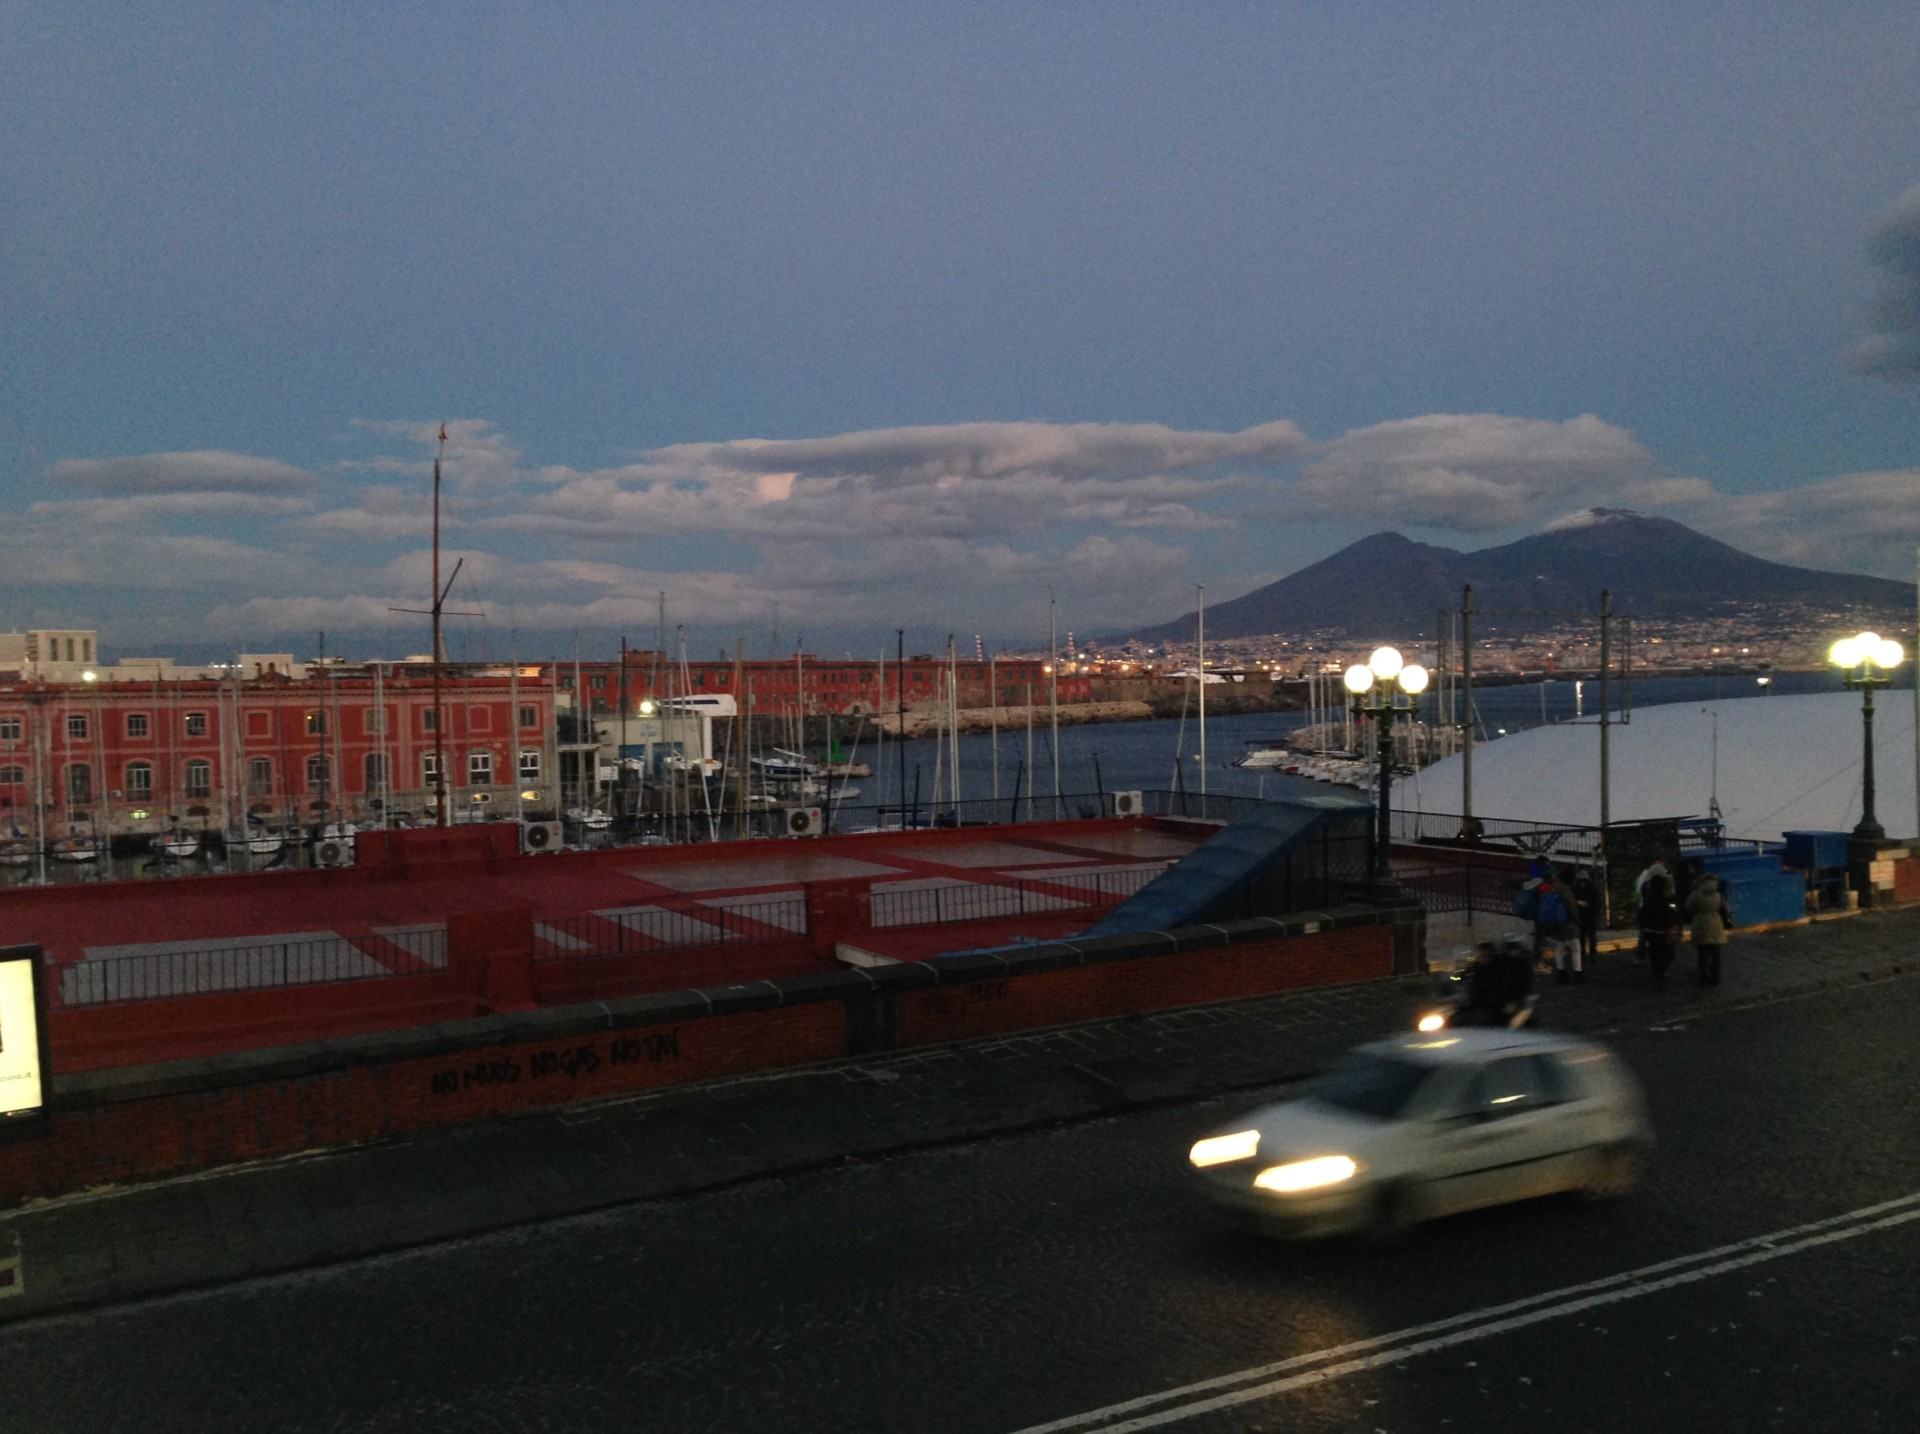 Abendstimmung in Nähe des Hafens